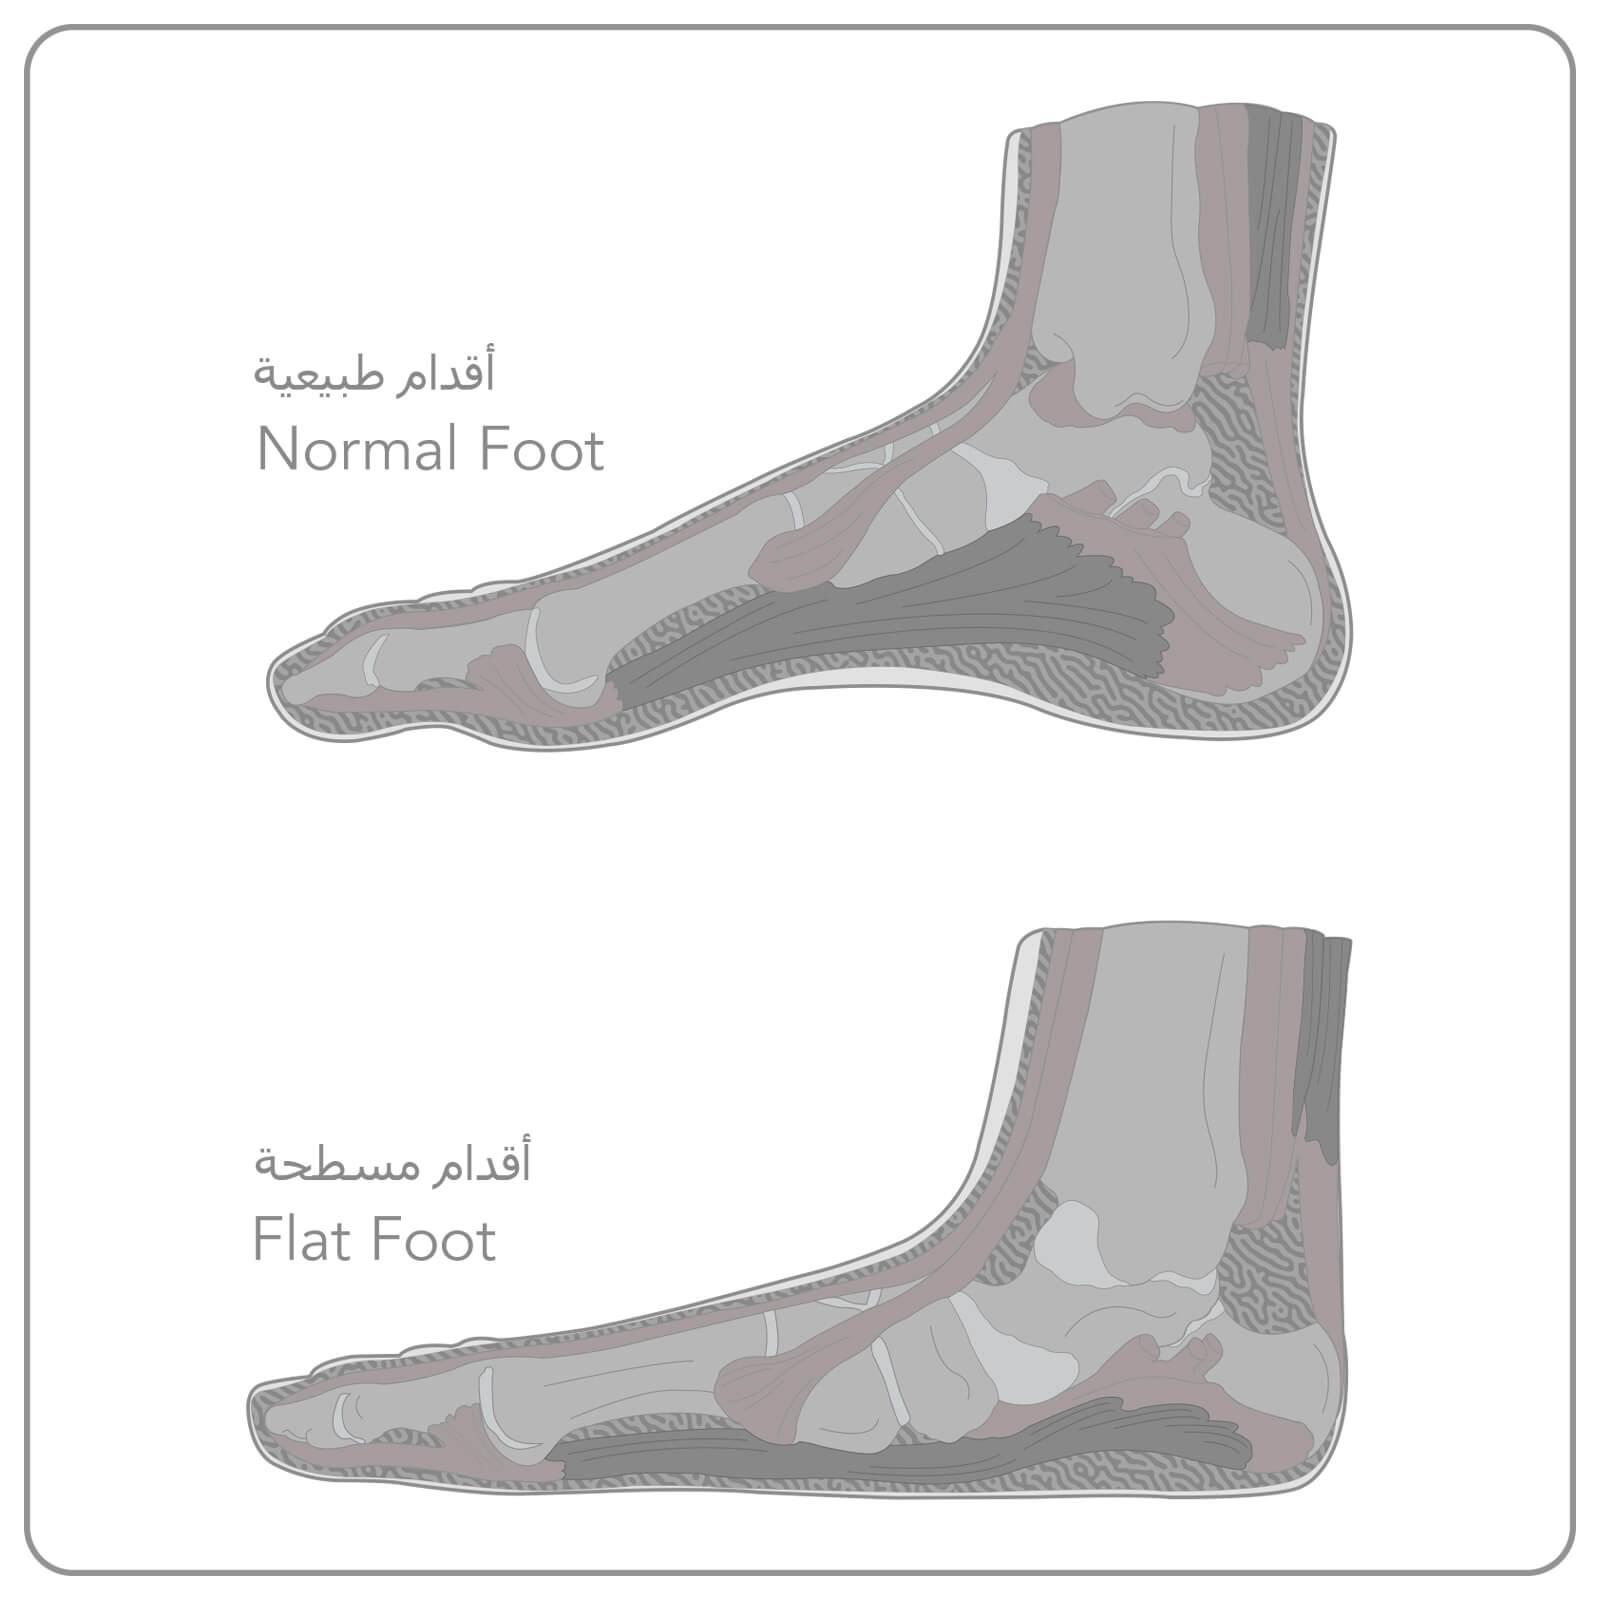 https://dubaipodiatry.com/wp-content/uploads/2021/09/Flat-Feet-NEW-1.jpg